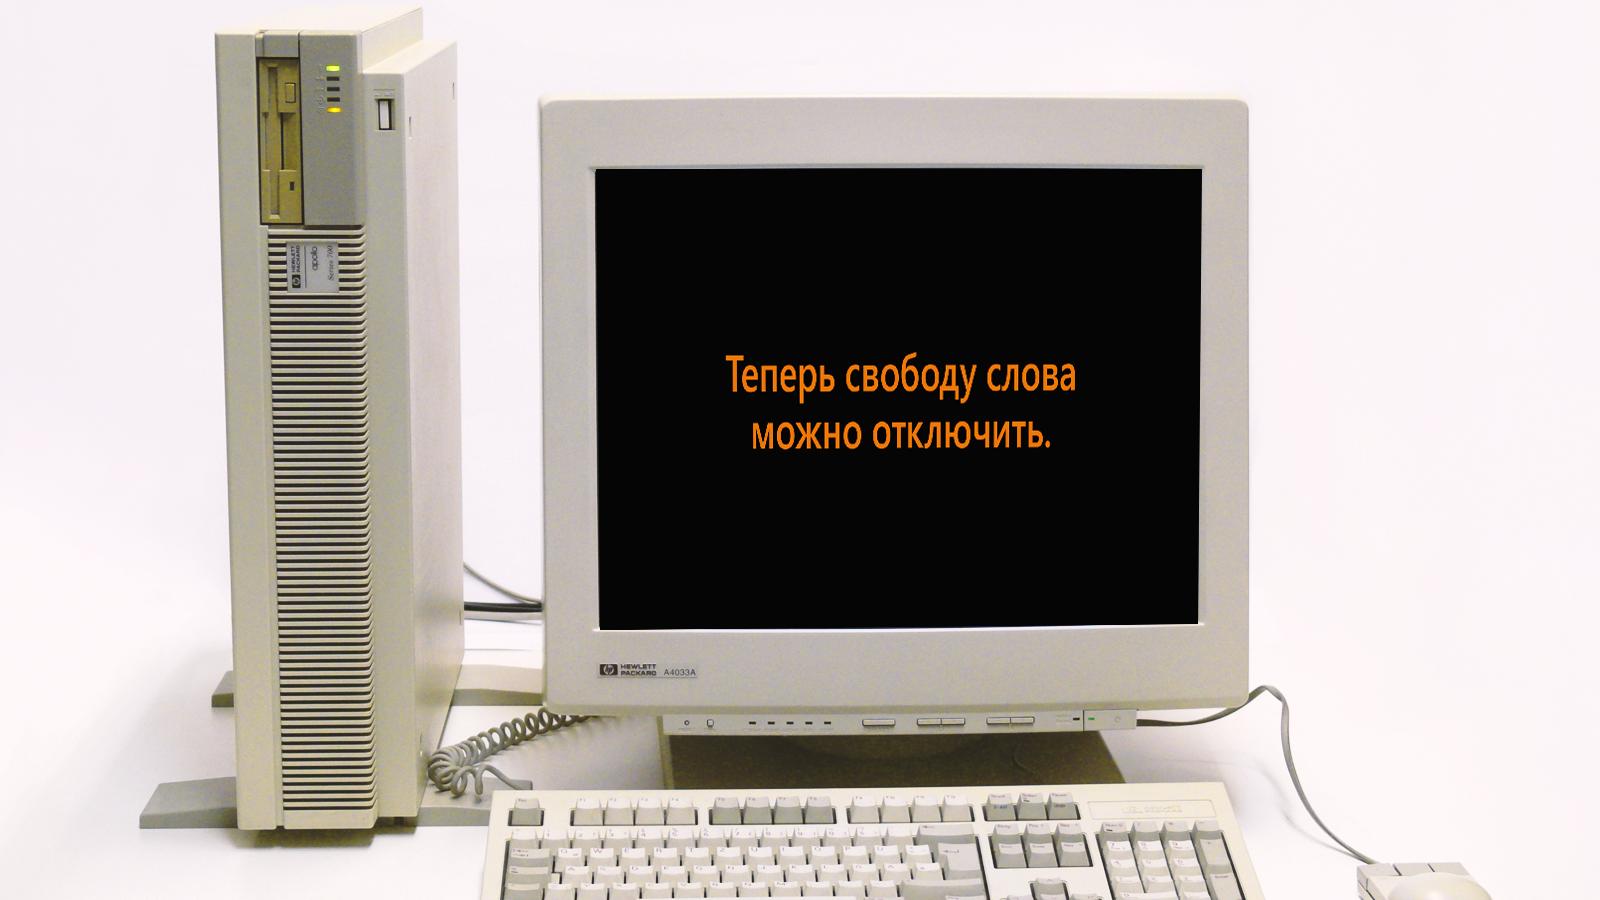 С сегодняшнего дня ФСБ наделён полномочиями инициирования разделегирования доменных имён Рунета - 1